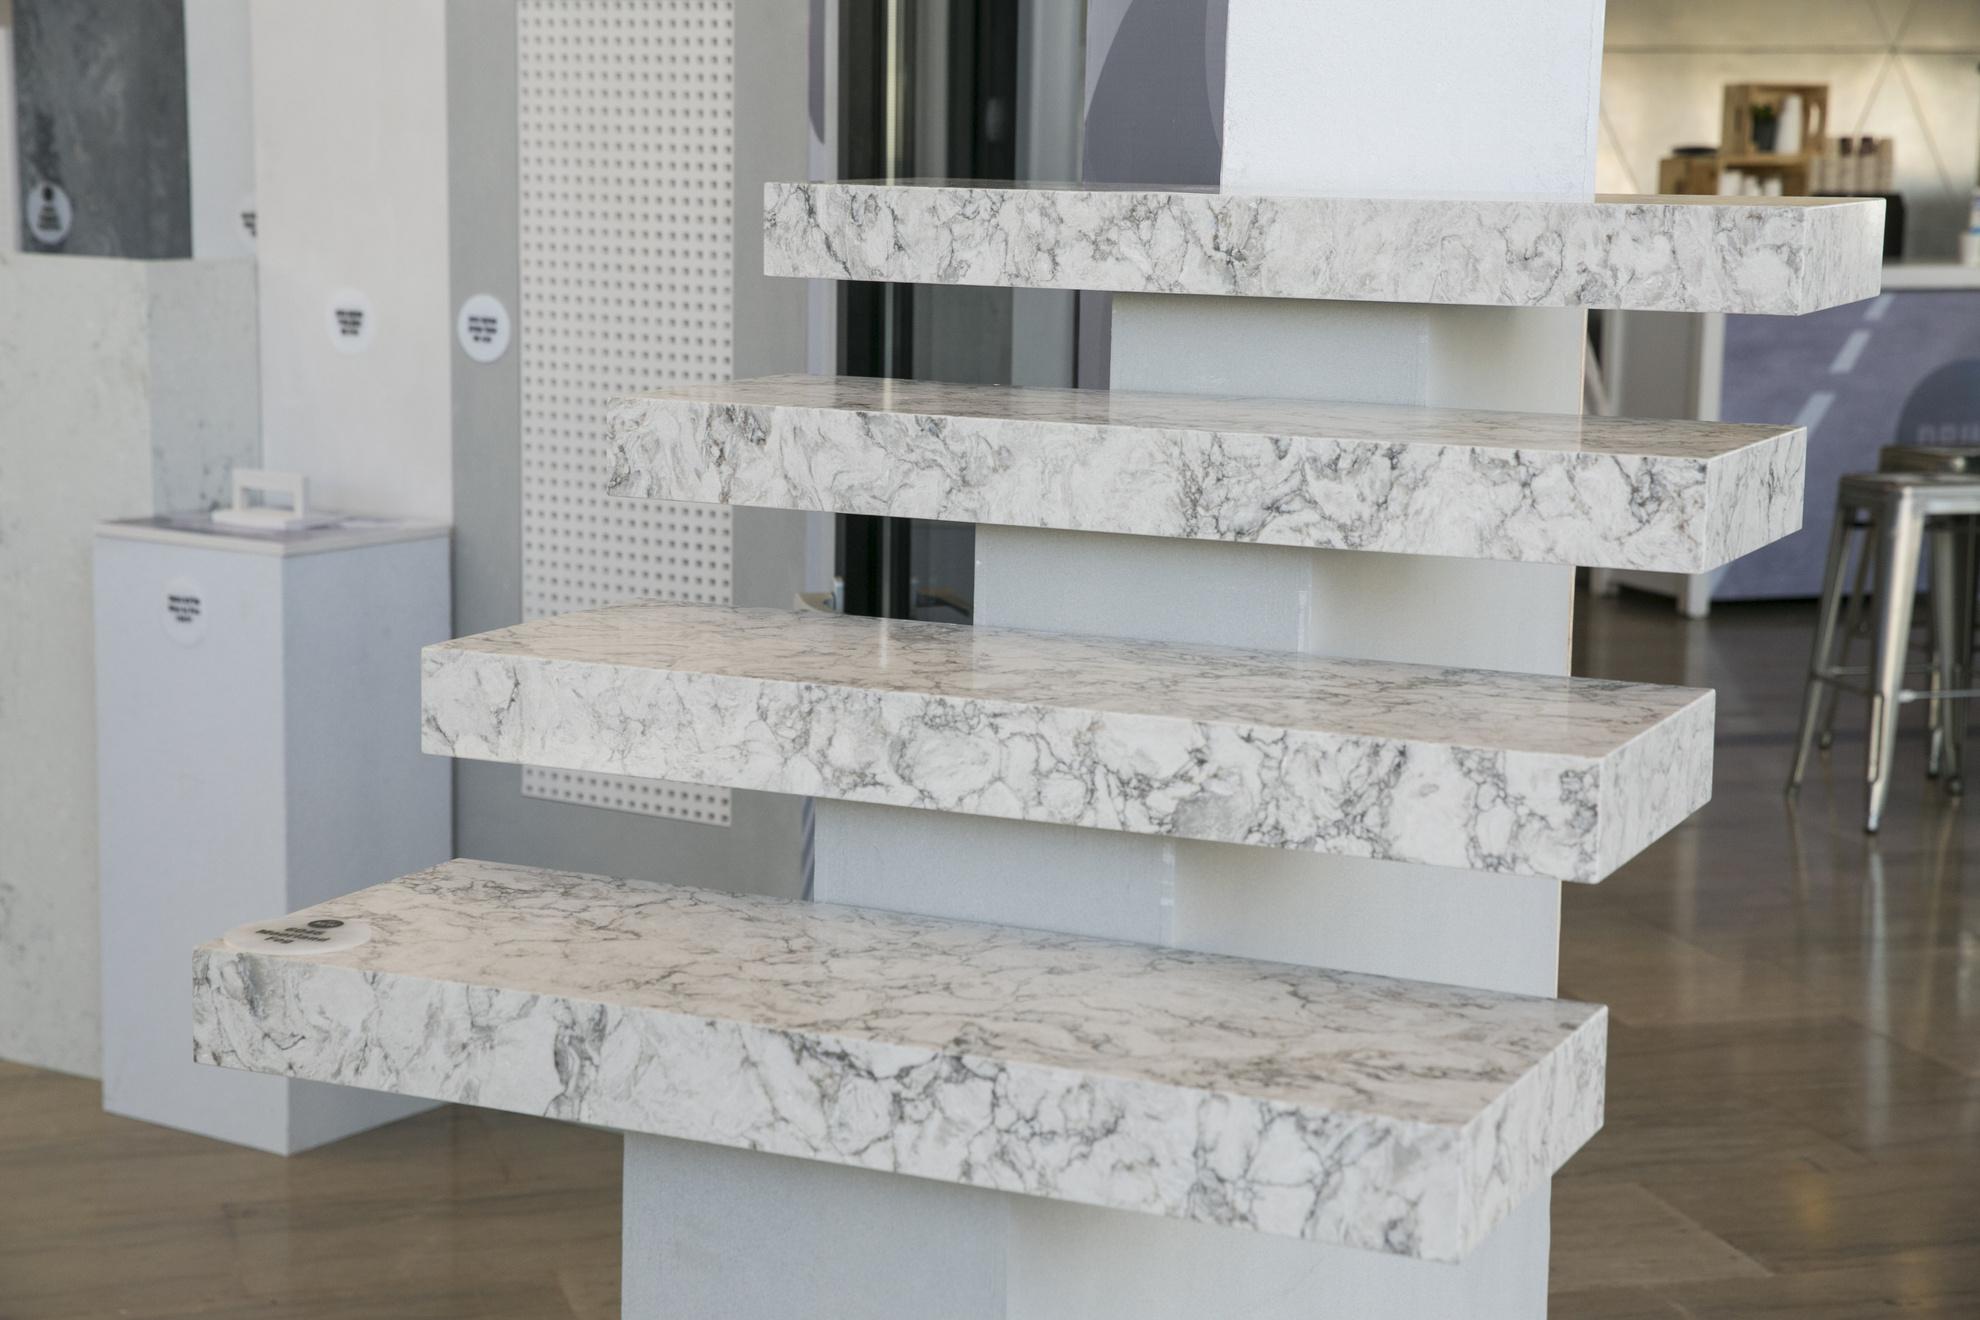 מדרגות מאבן קיסר. צילום: לנס הפקות